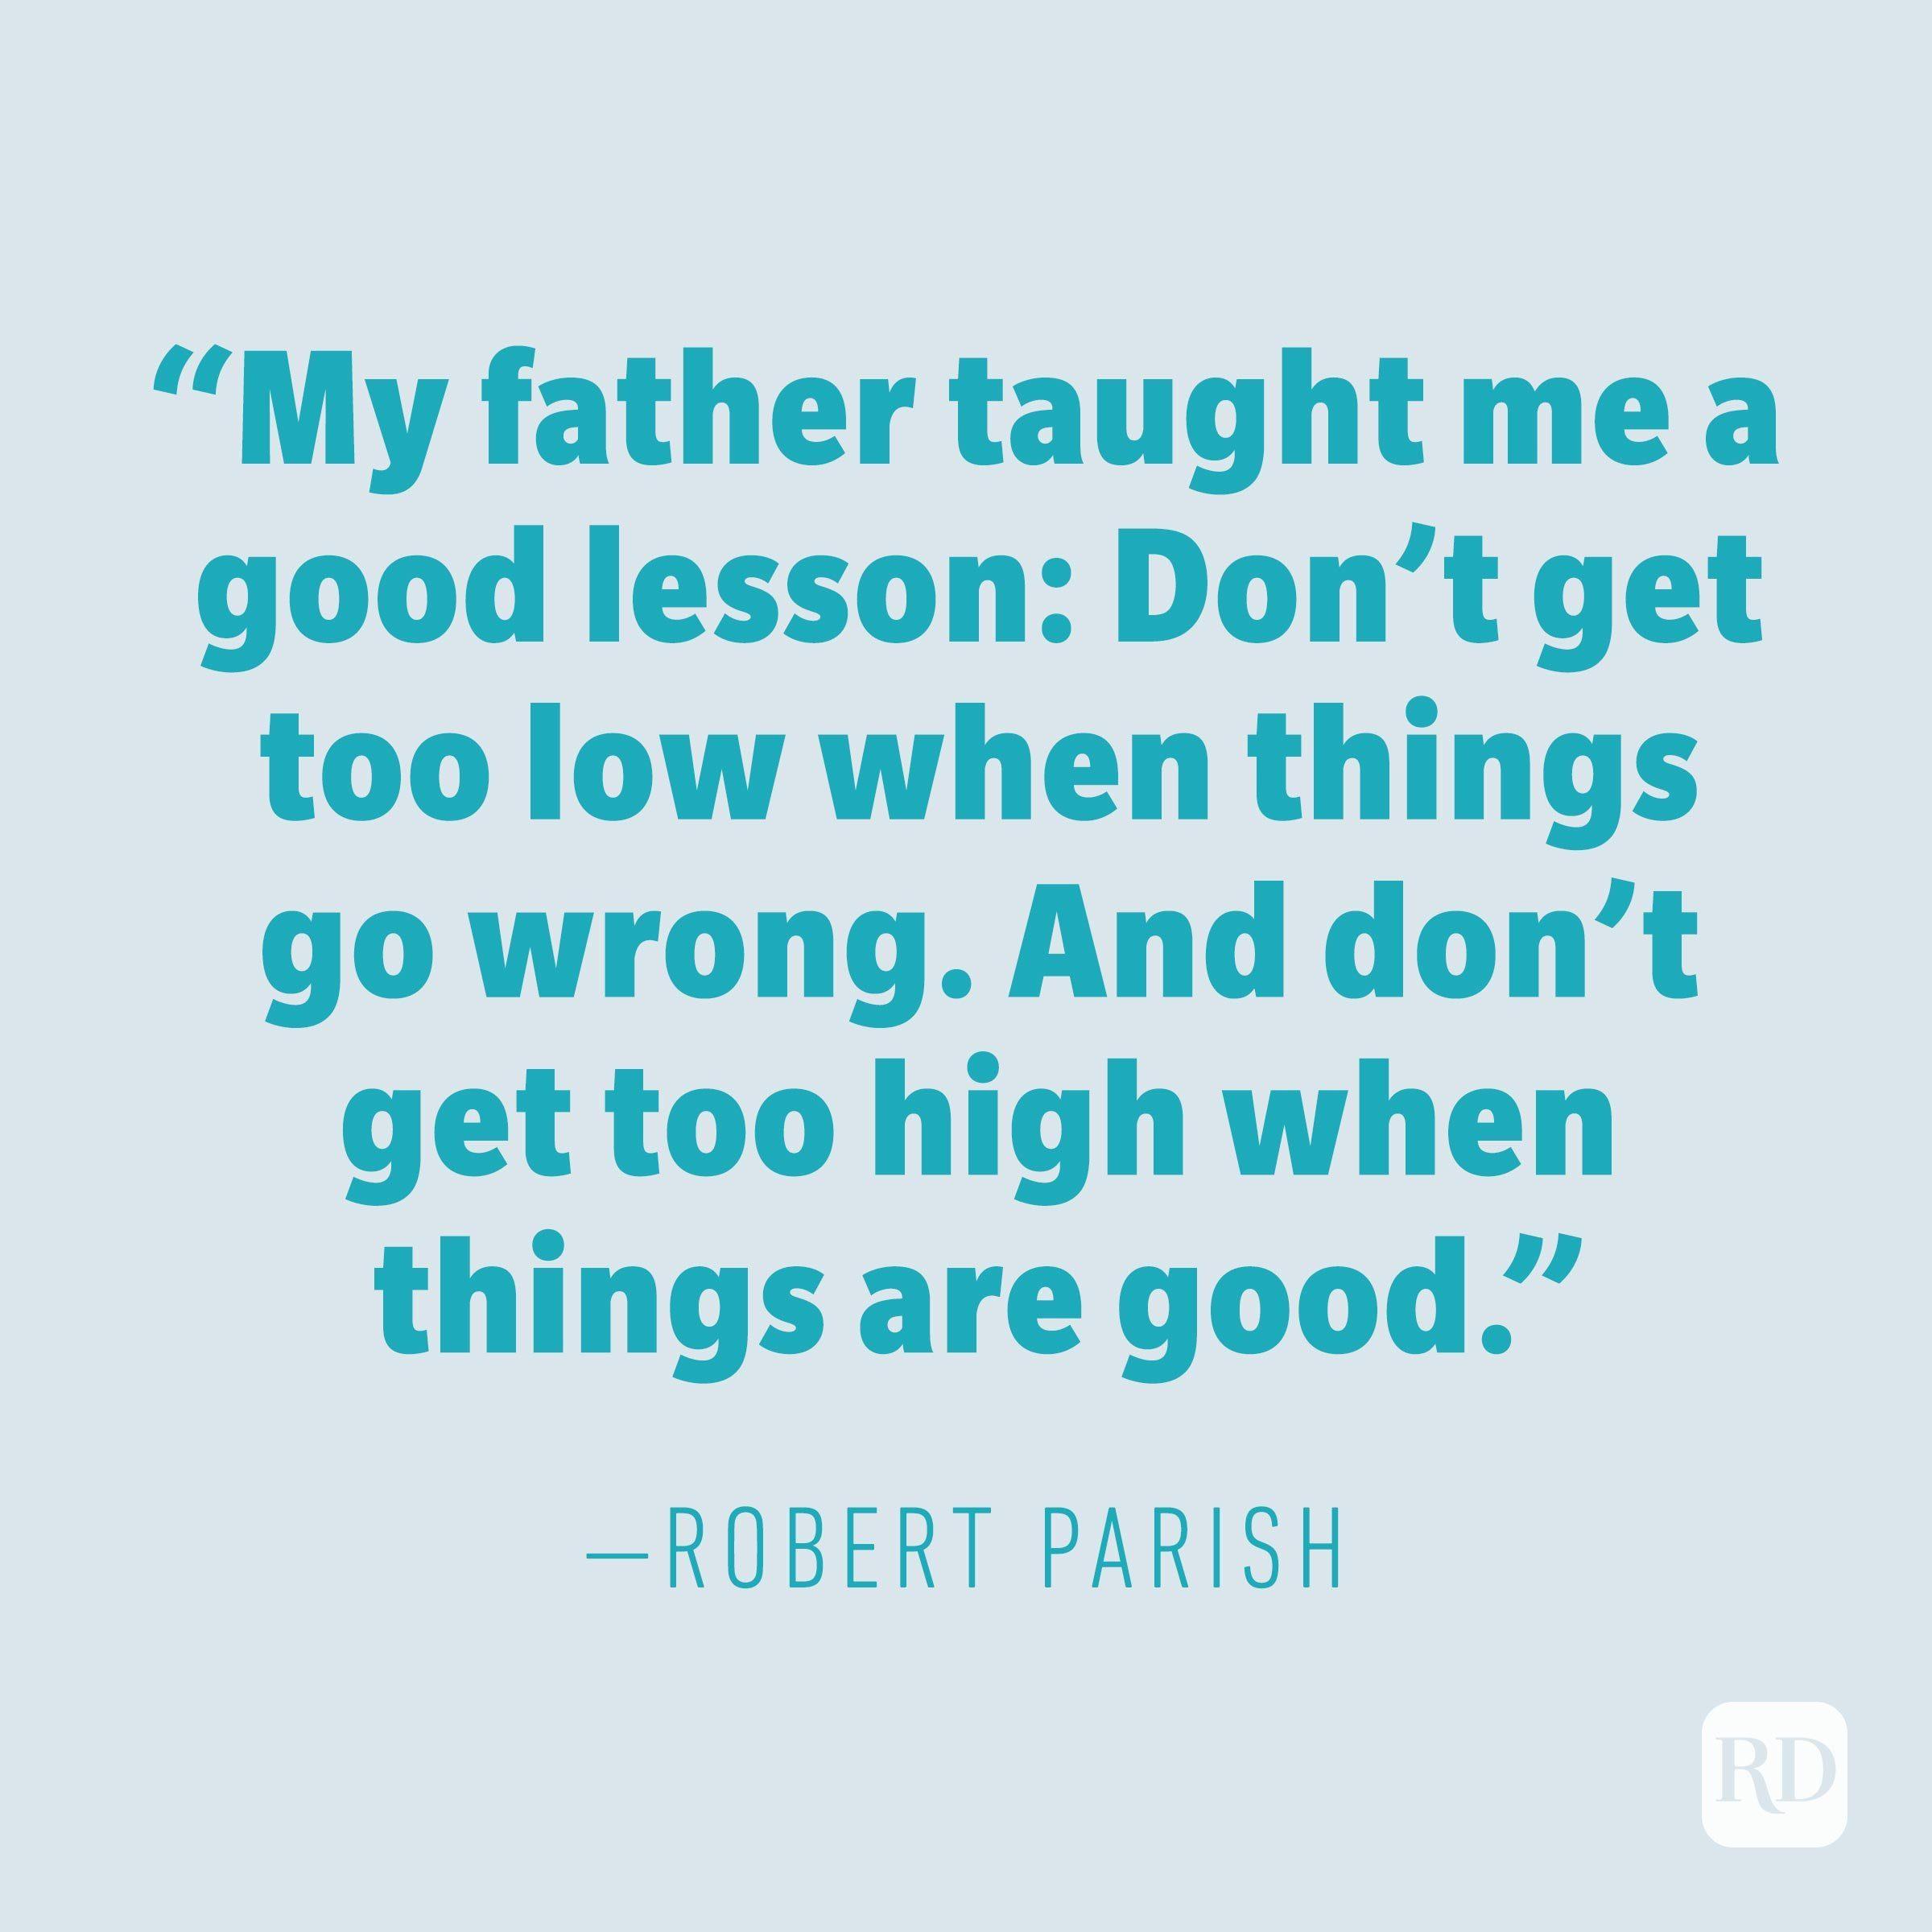 Robert Parish quote